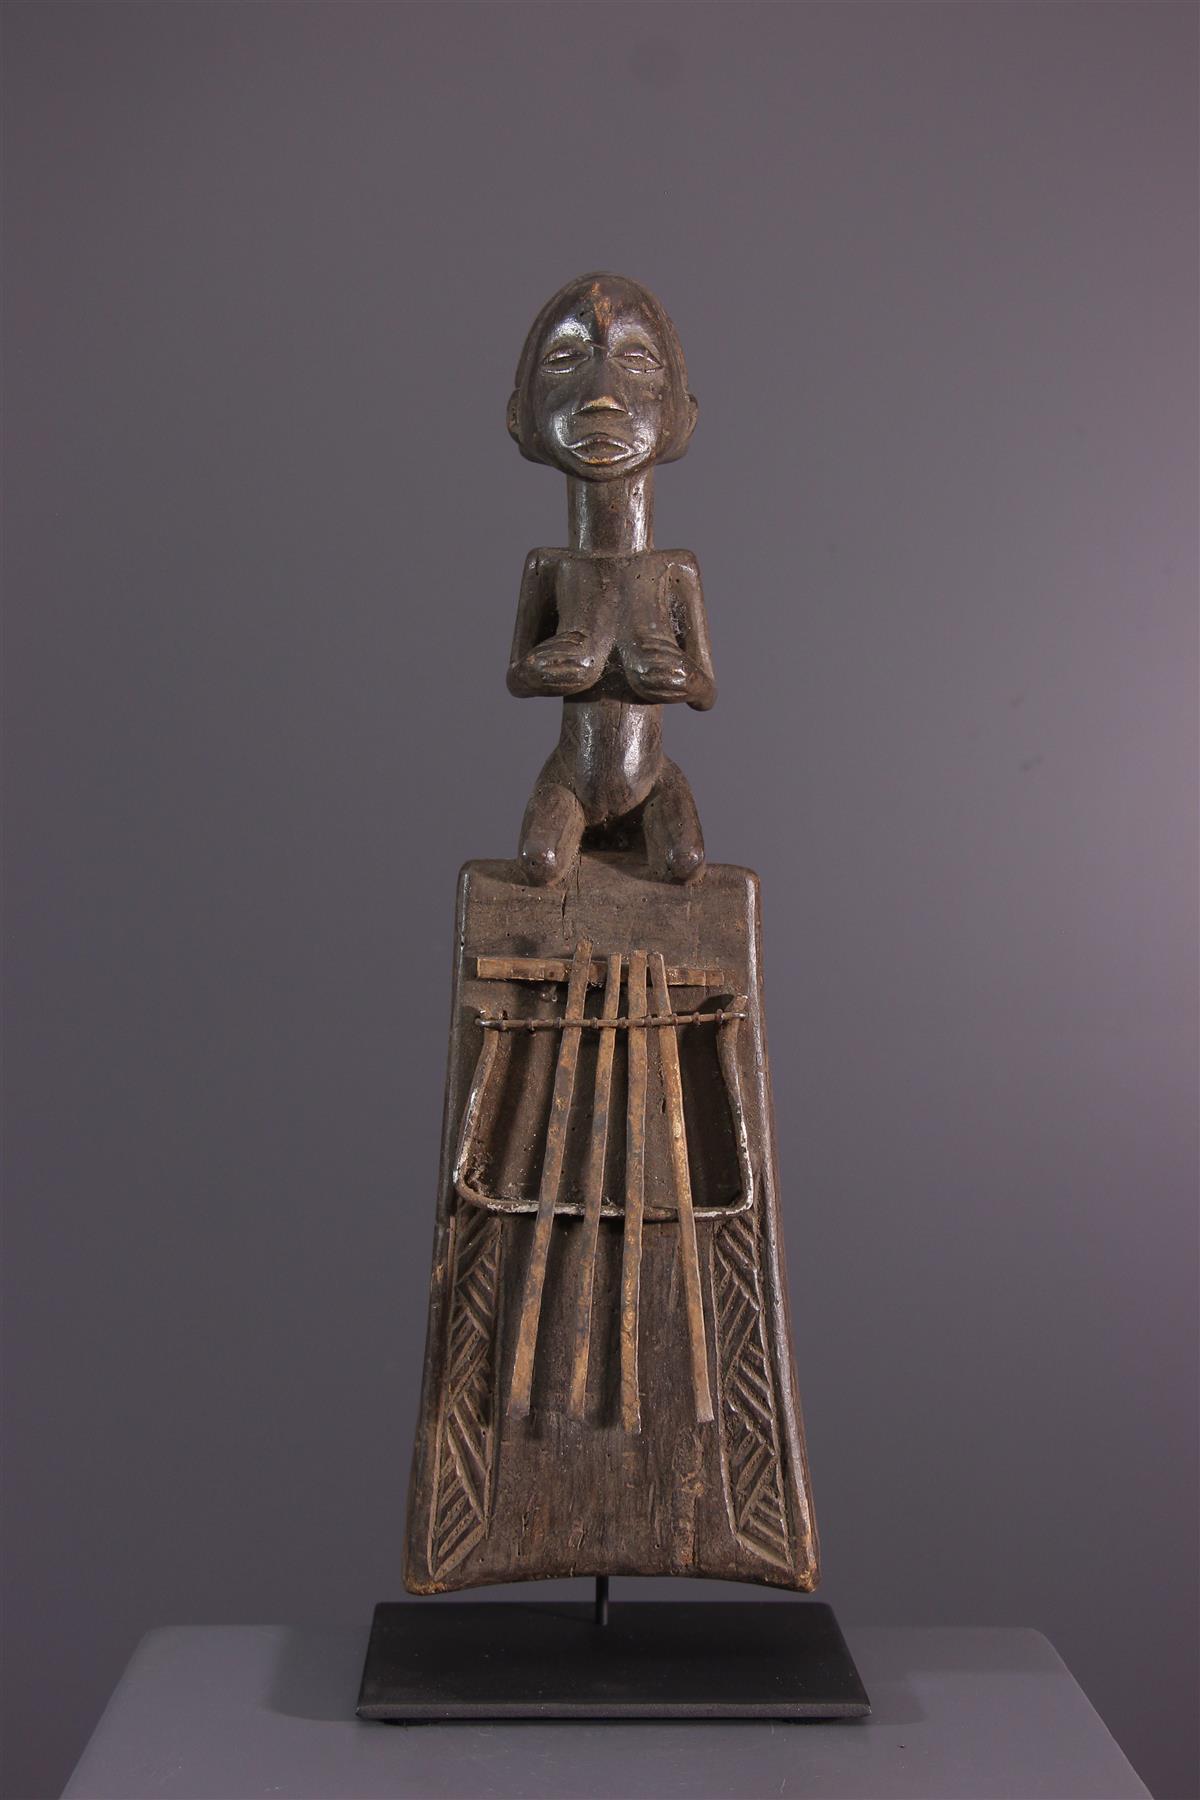 Lamellophone Luba - African art